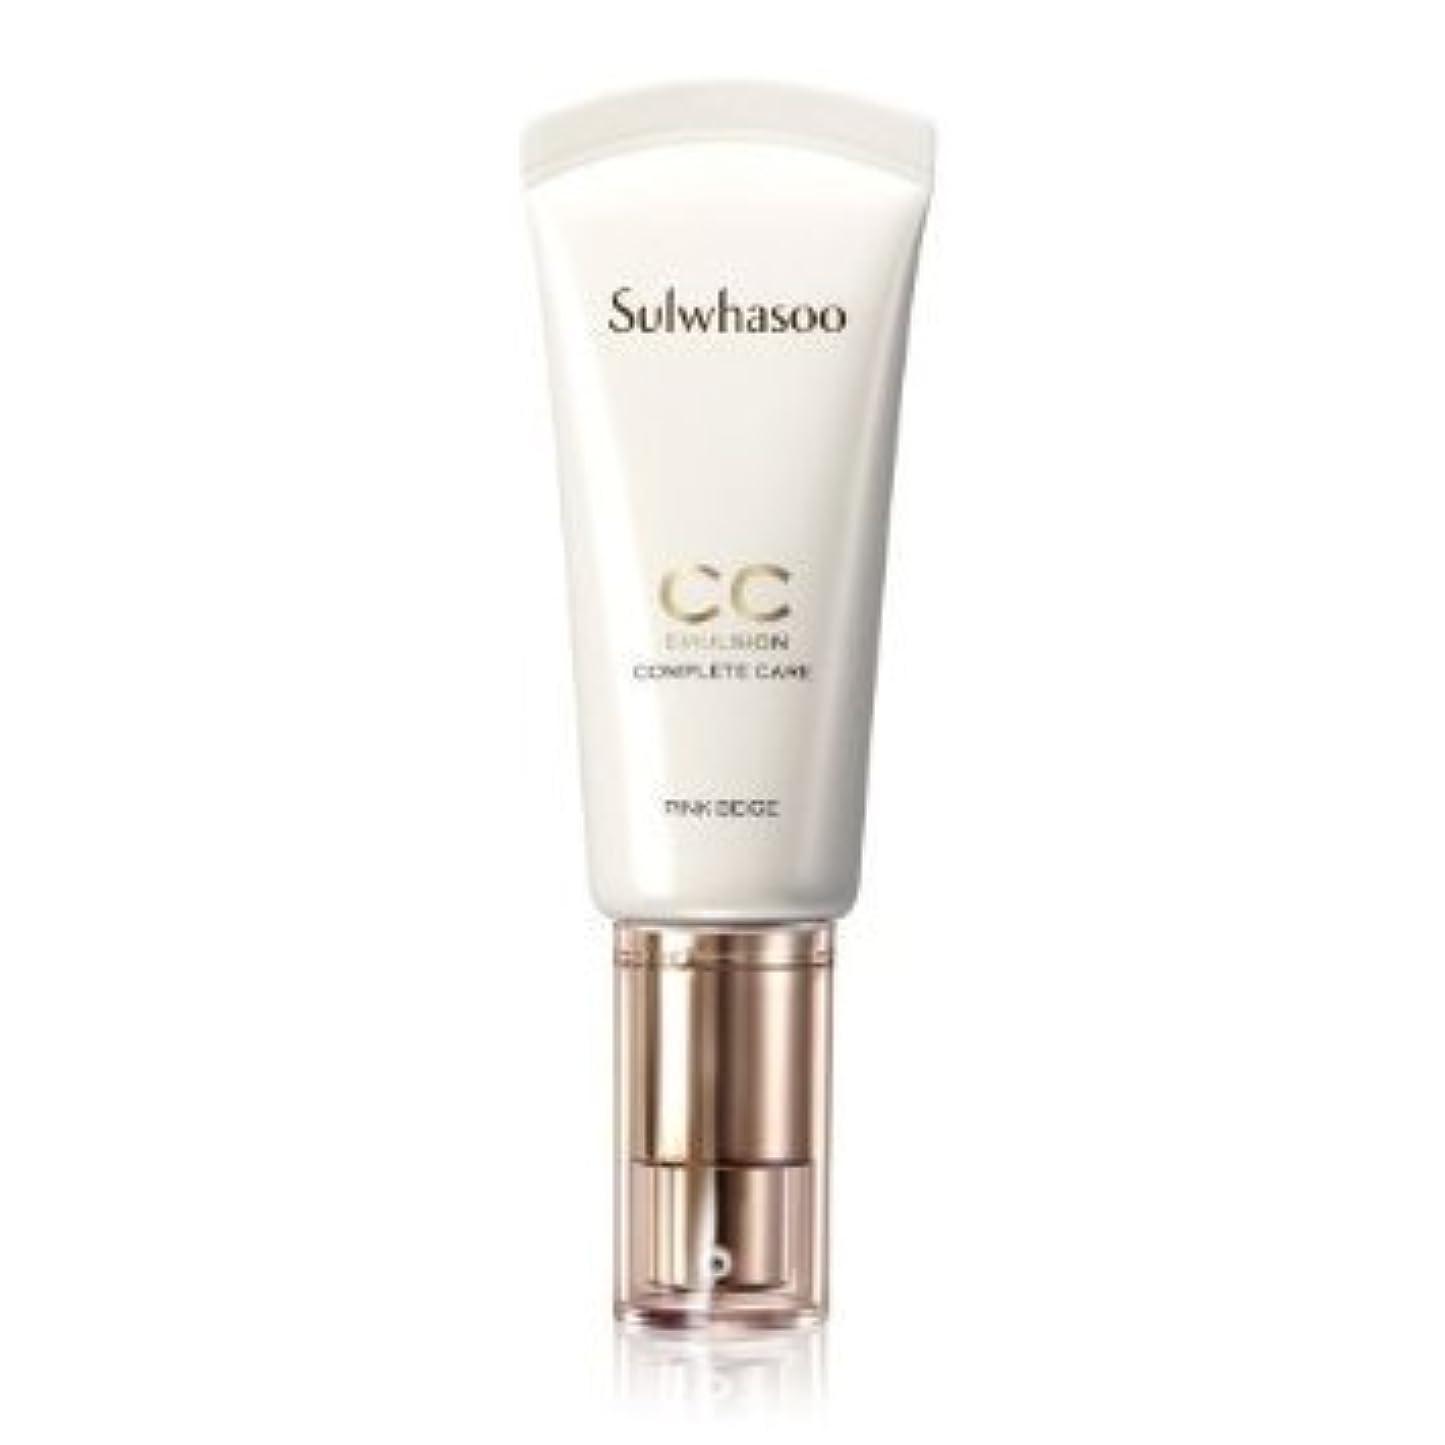 ファーザーファージュ収入優勢Sulwhasoo CC Emulsion BB Cream Blemish Balm #02 Medium Beige[並行輸入品]